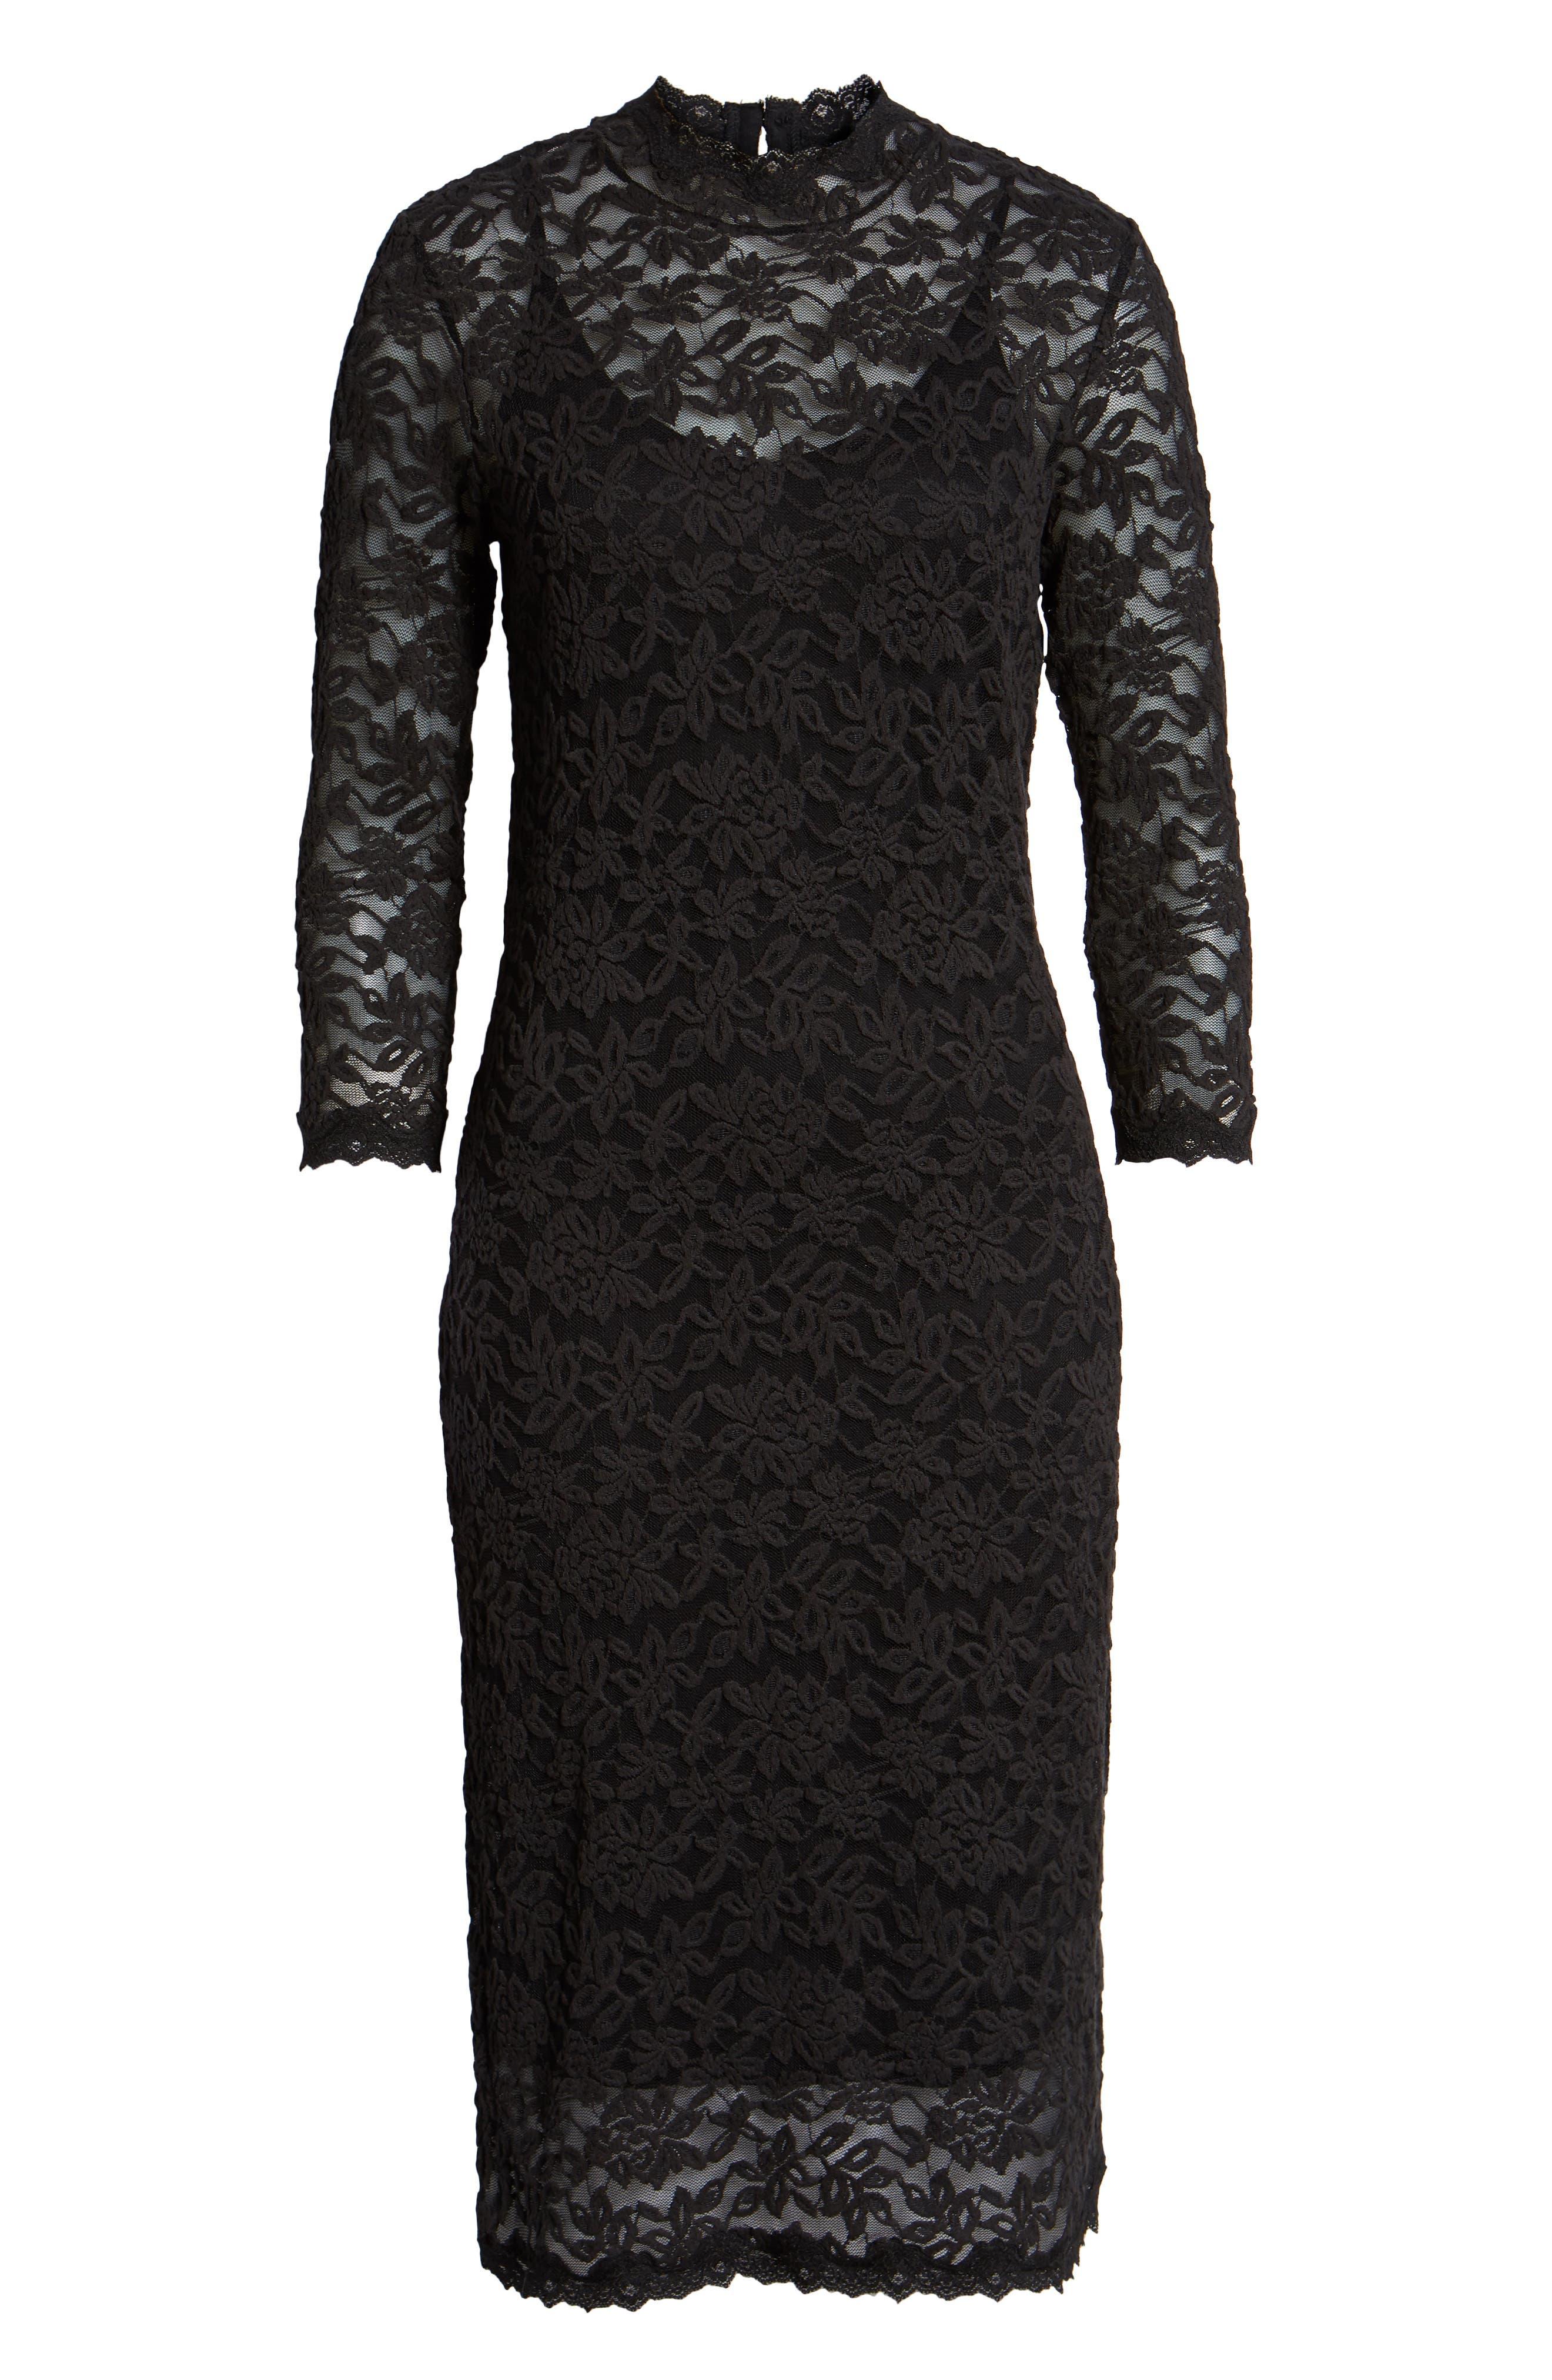 Delicia Lace Body-Con Dress,                             Alternate thumbnail 7, color,                             BLACK SILVER